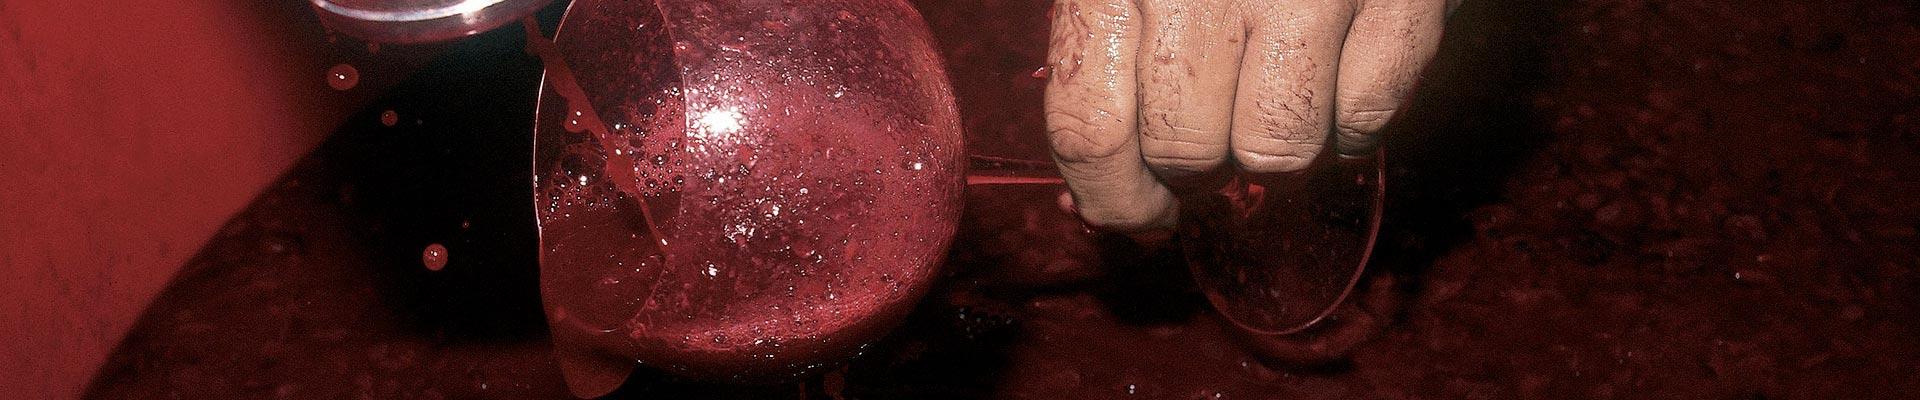 Vinificazione e invecchiamento vini Soldera - Case Basse